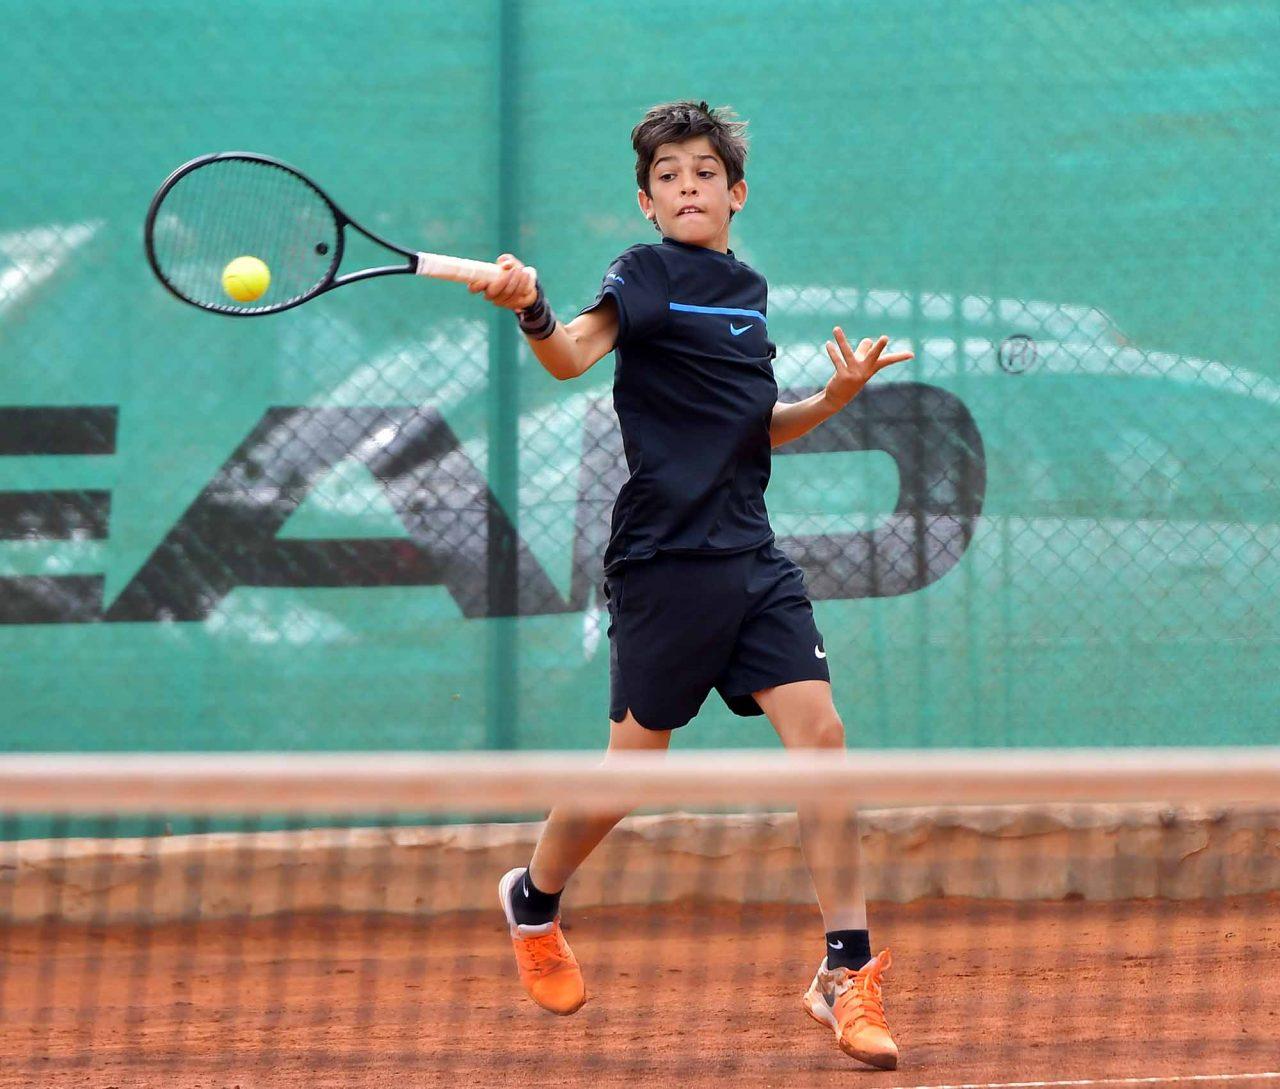 Държавно първенство тенис до 14 год. ТК 15-40 полуфинал (16)